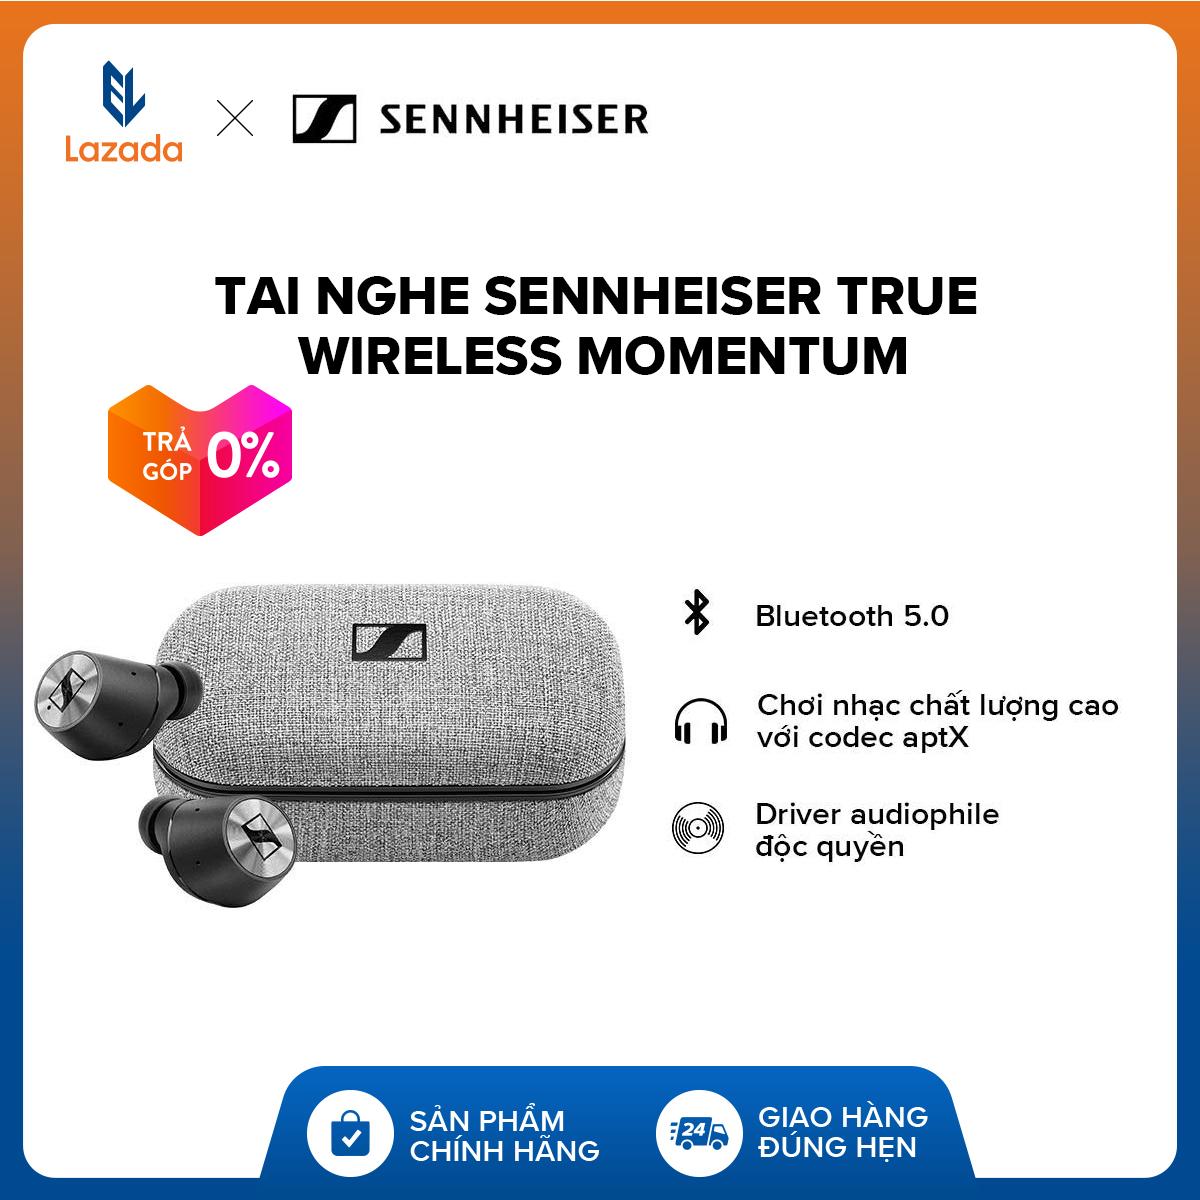 Giá Quá Tốt Để Có [VOUCHER 500K - TRẢ GÓP 0% - HÀNG CHÍNH HÃNG] Tai Nghe Sennheiser True Wireless Momentum L Noise Cancellation Beamforming | Transparent Hearing L Audiophile độc Quyền L Chống Nước IPX4